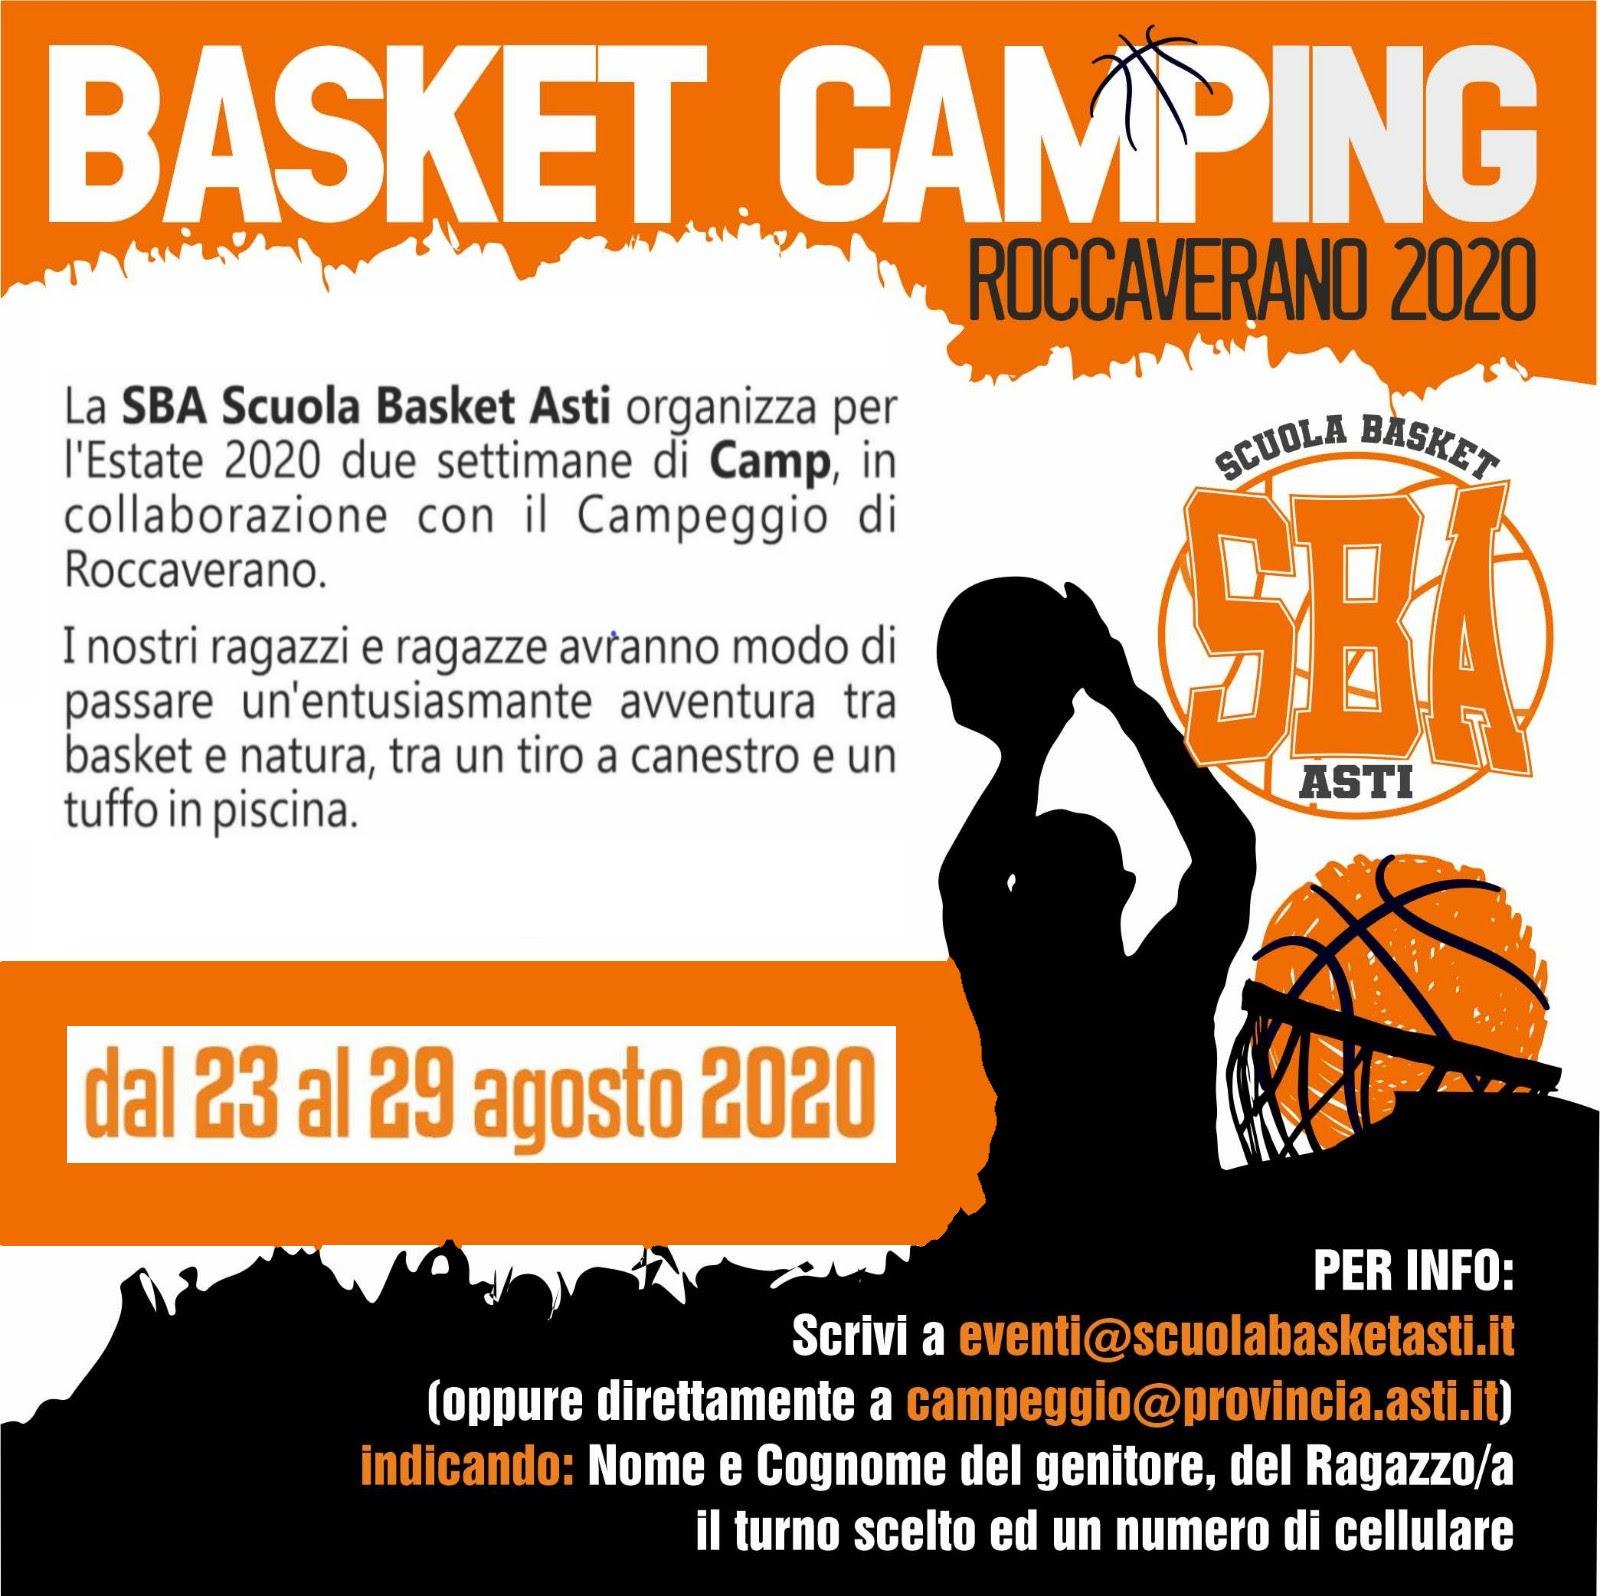 Basket camping 23 29 agosto 2020